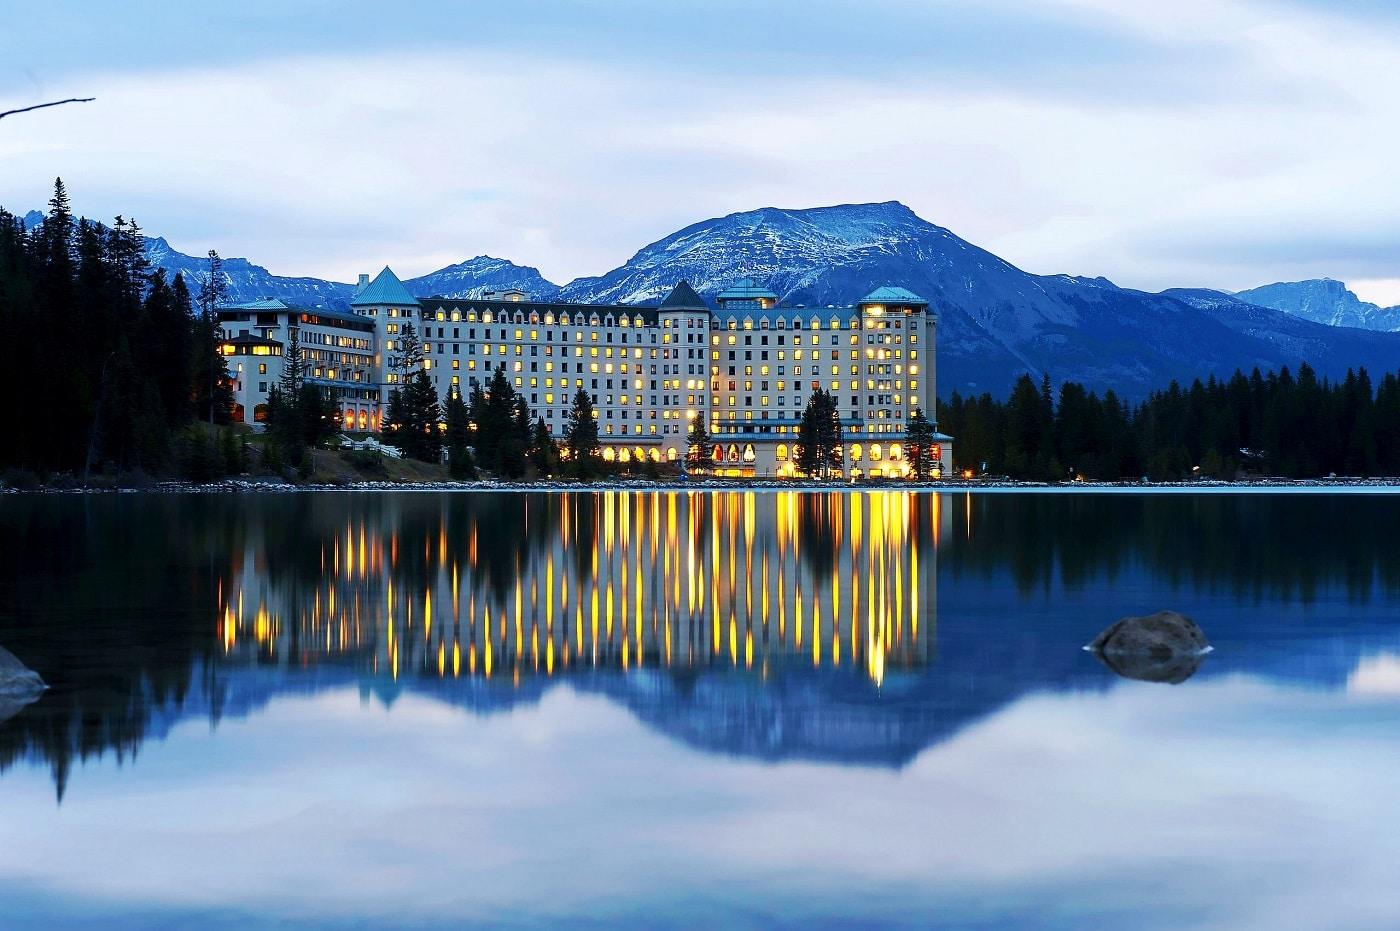 Castelul Lacului Louise, Canada